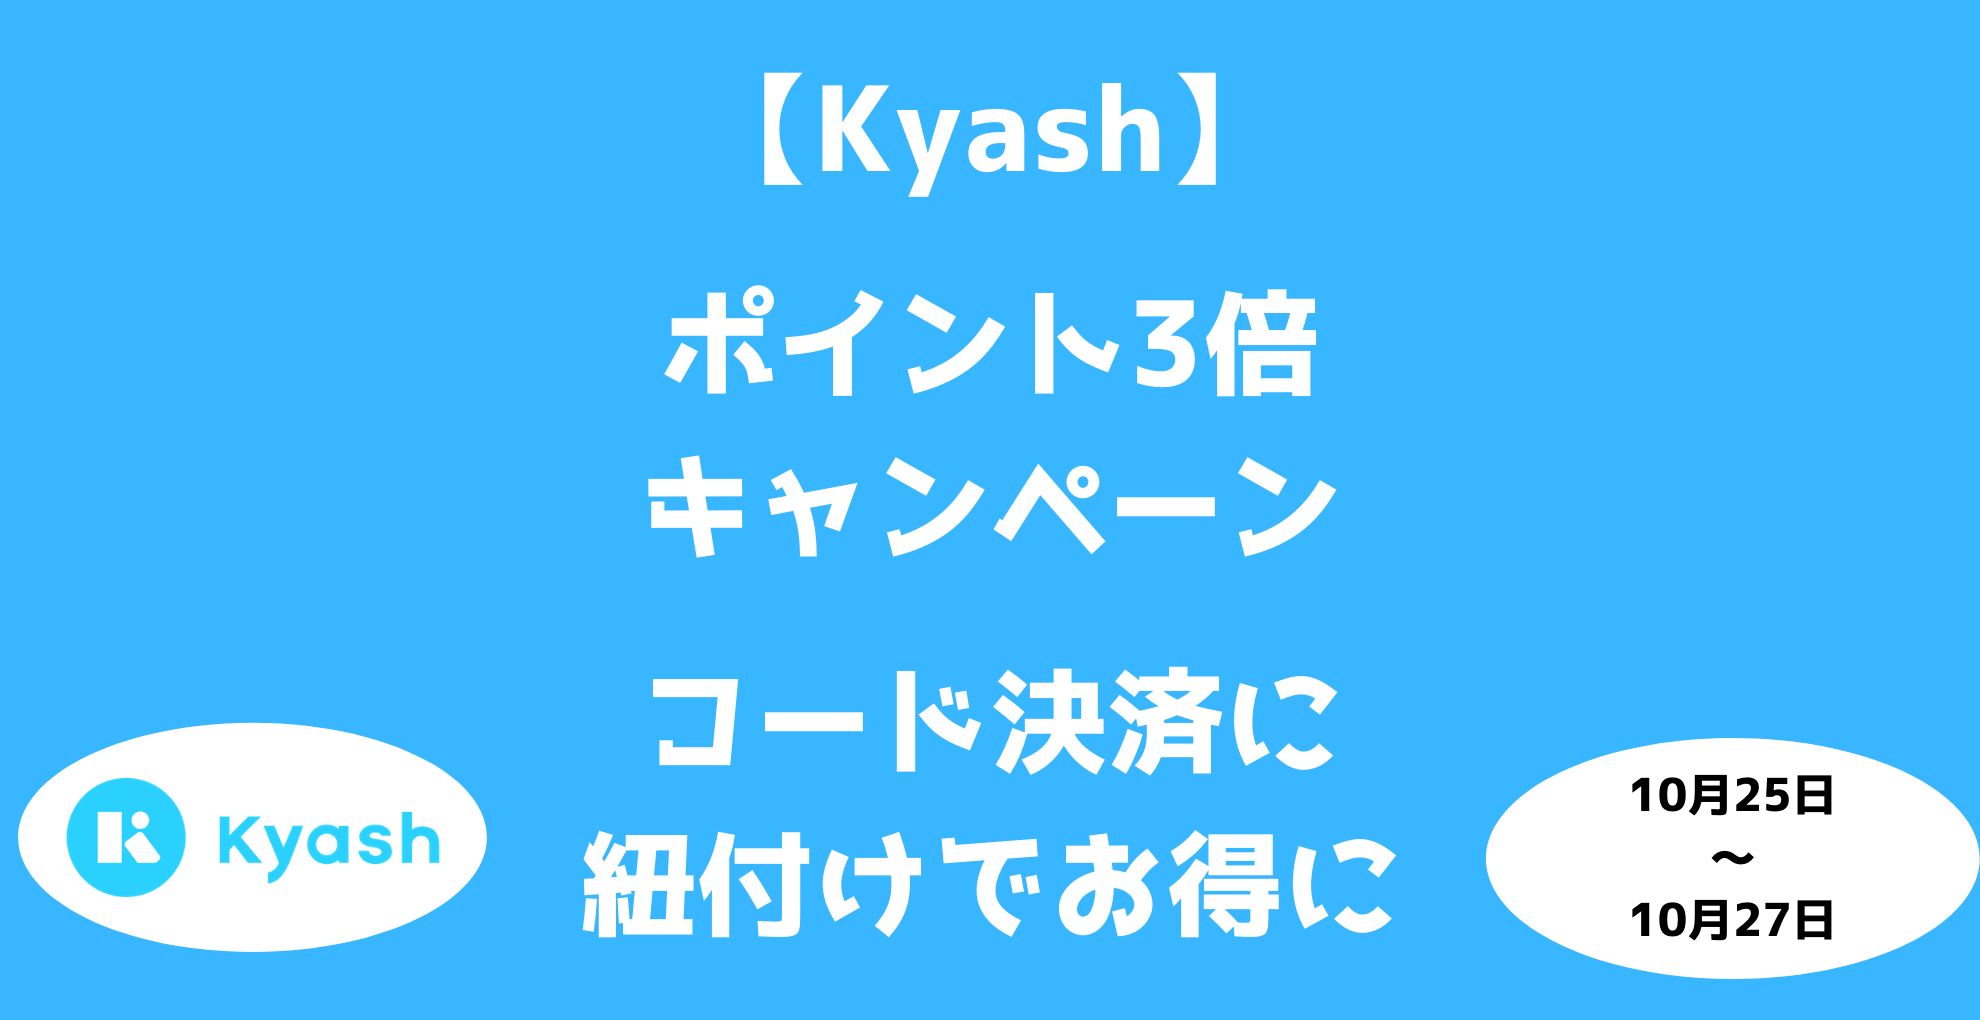 【Kyash】3日間限定!ポイント3倍キャンペーン開催【10月25〜27日】